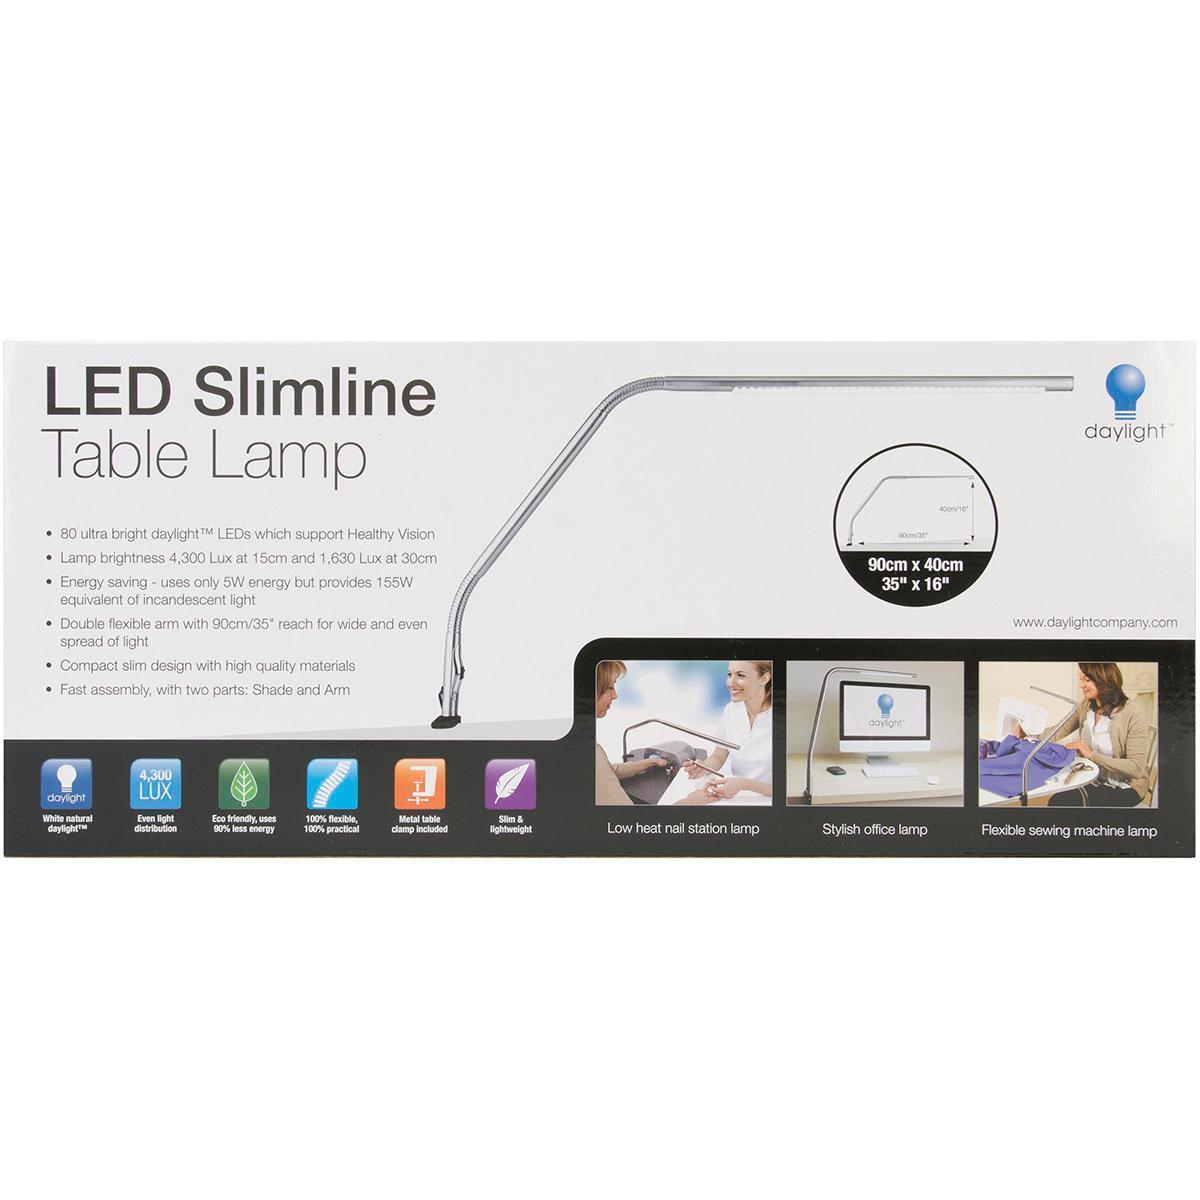 Daylight Company LED Slimline Table Lamp (LED Slimline Ta...